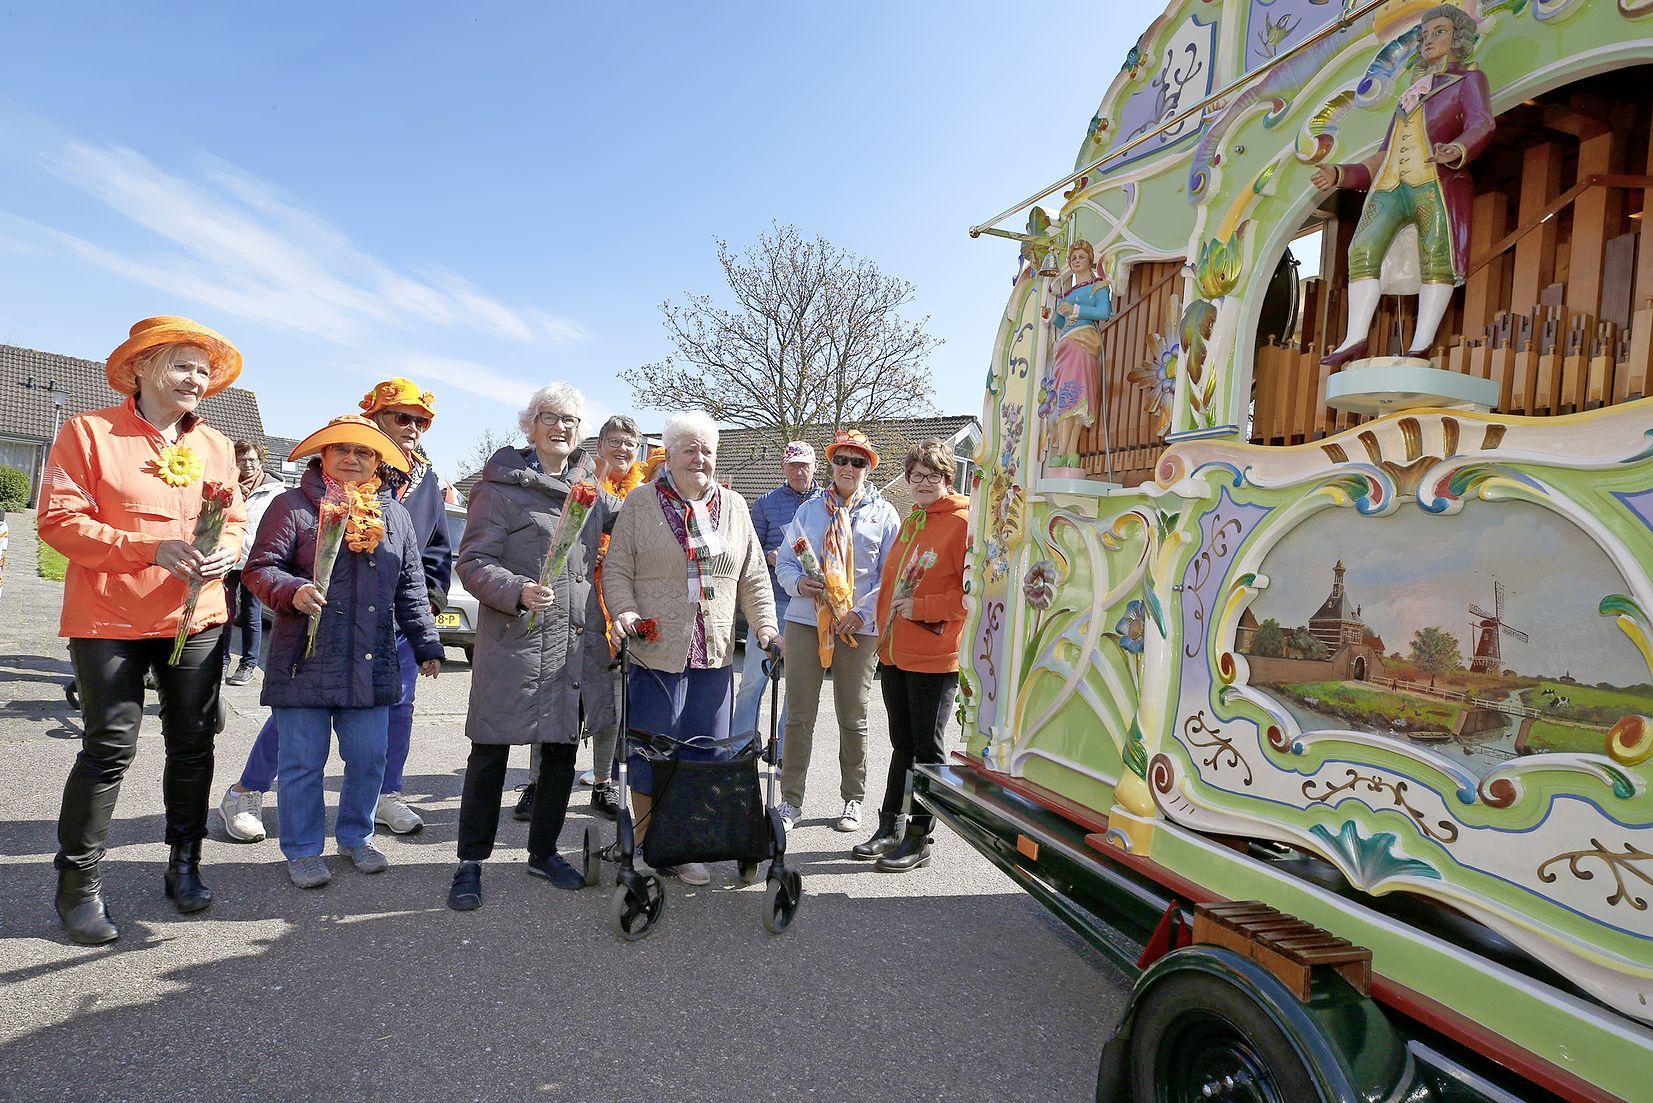 Draaiorgel plus Koningsdag-verrassing echte opkikker voor 125 Jozefpark-bewoners in Tuitjenhorn